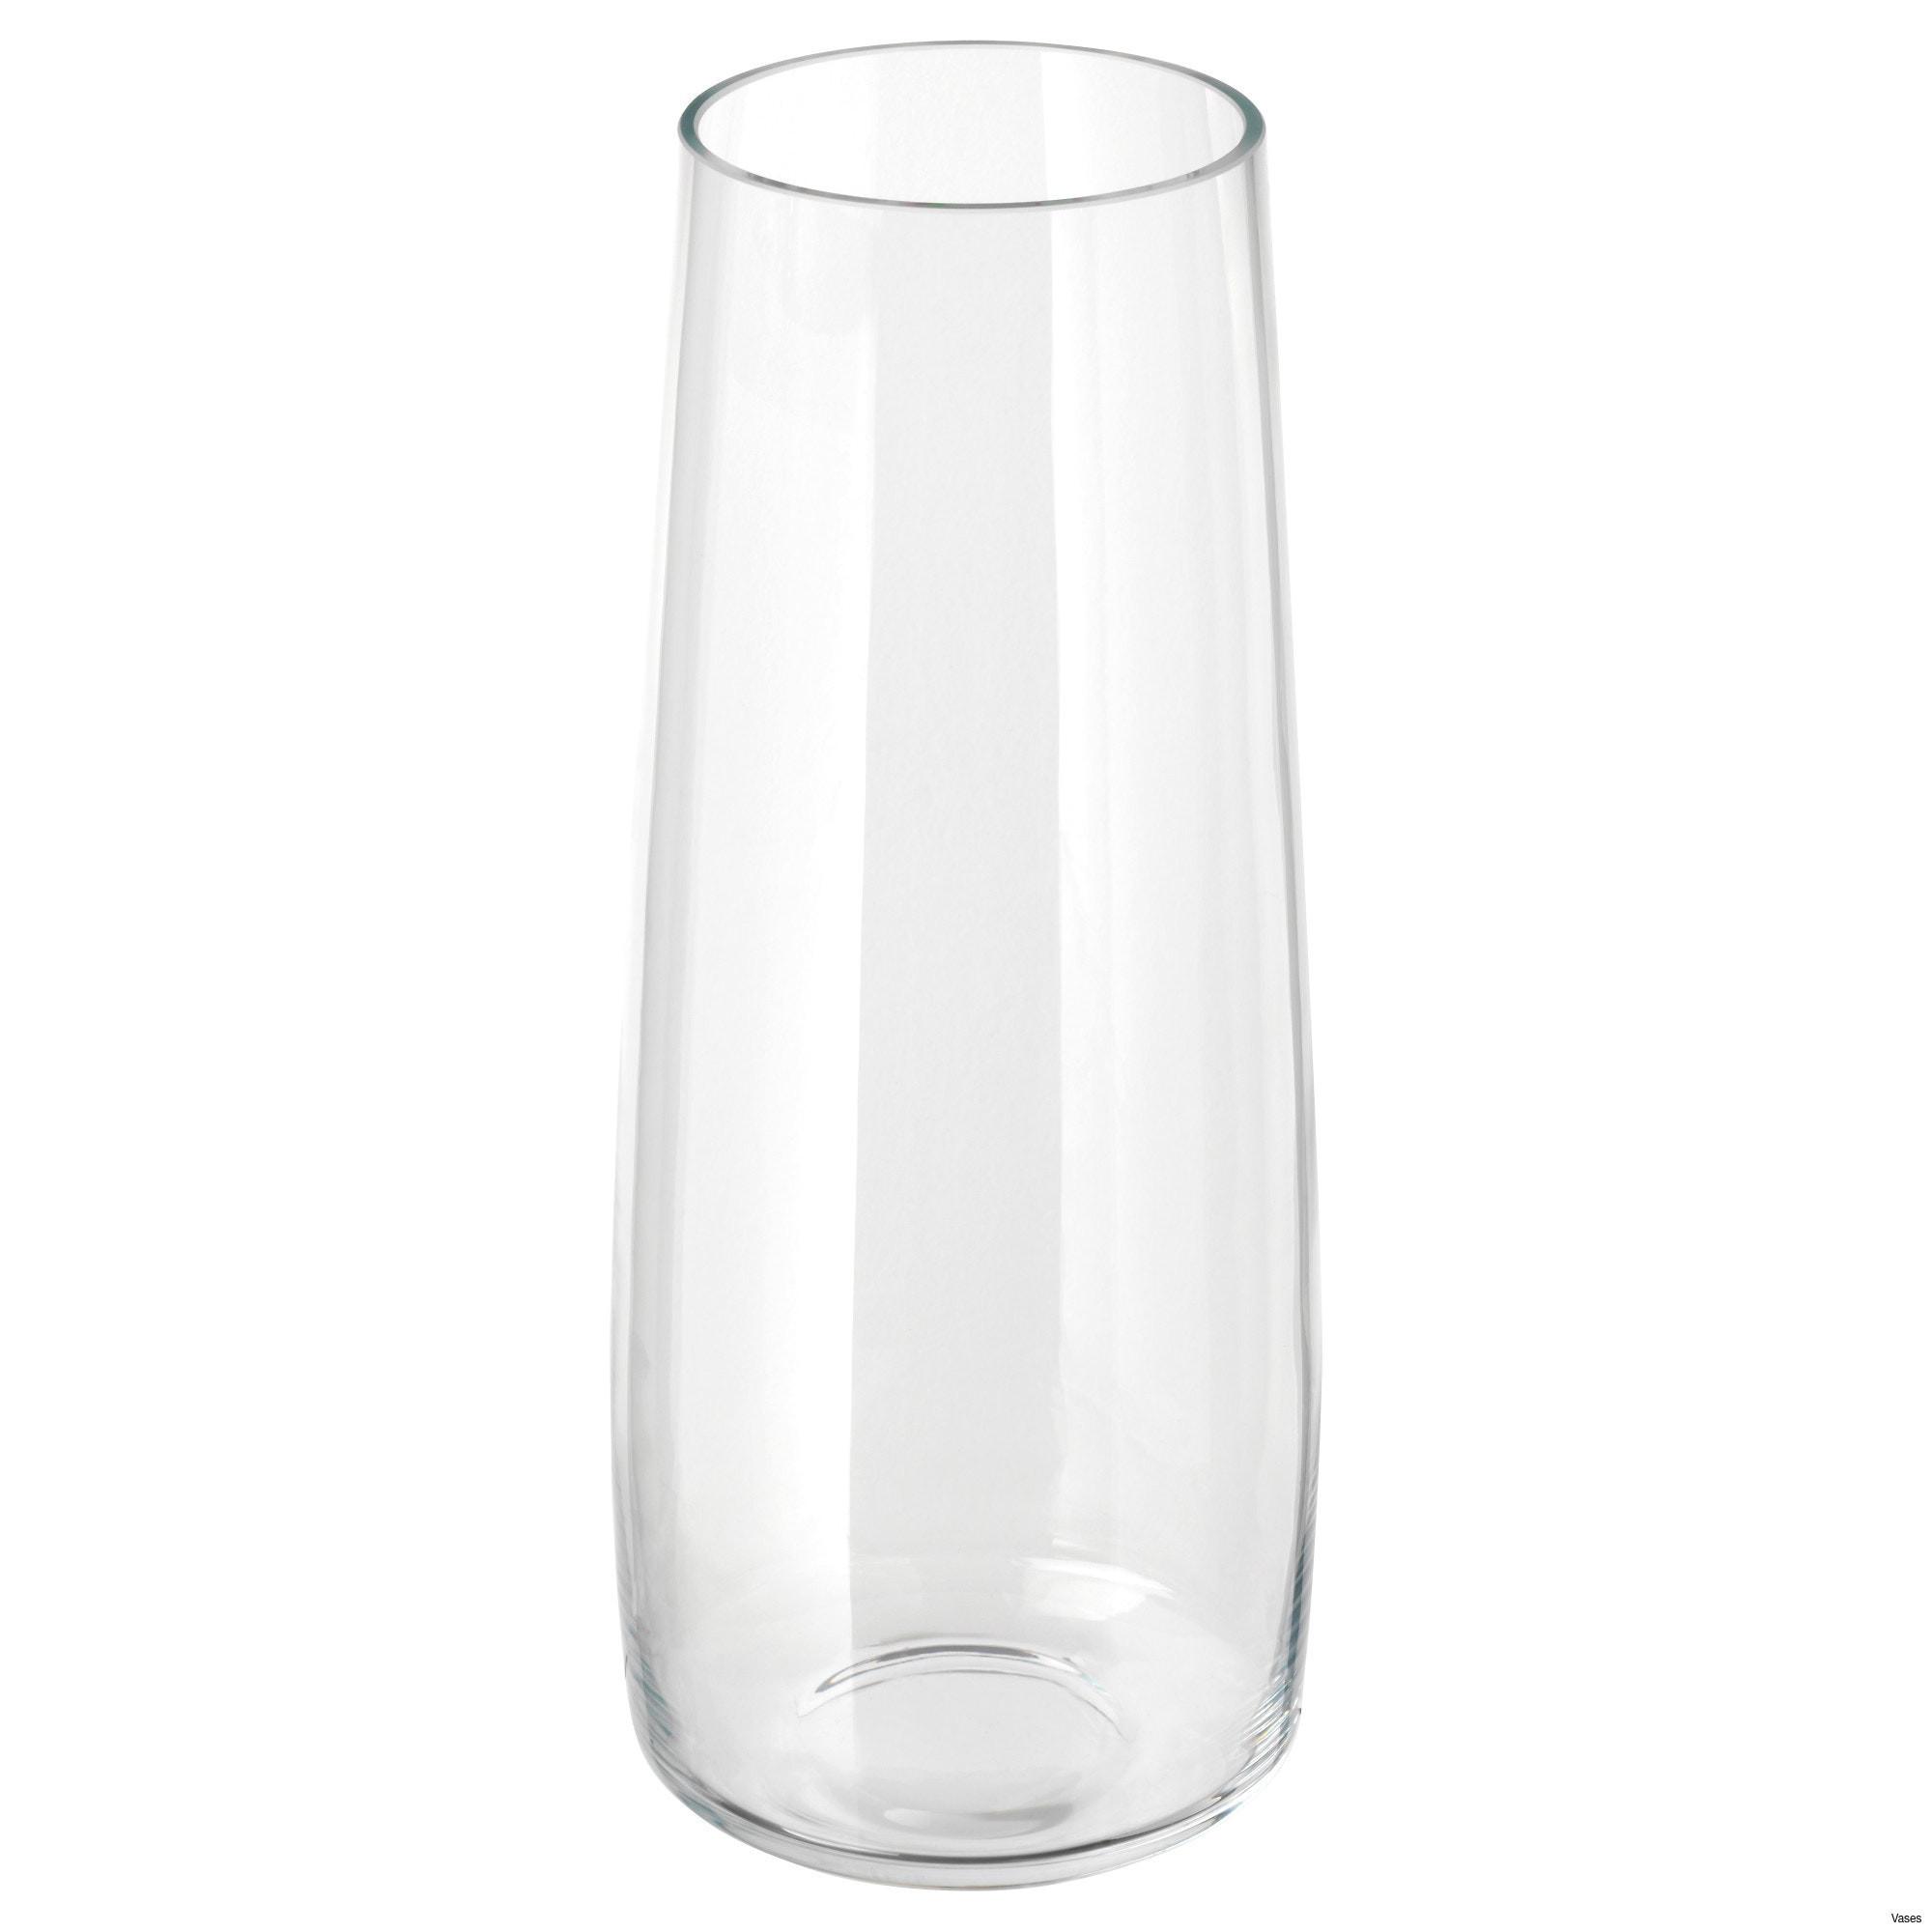 large acrylic vase of large clear glass vase photos clear glass vases vases artificial for large clear glass vase pics clear glass planters fresh clear glass vases of large clear glass